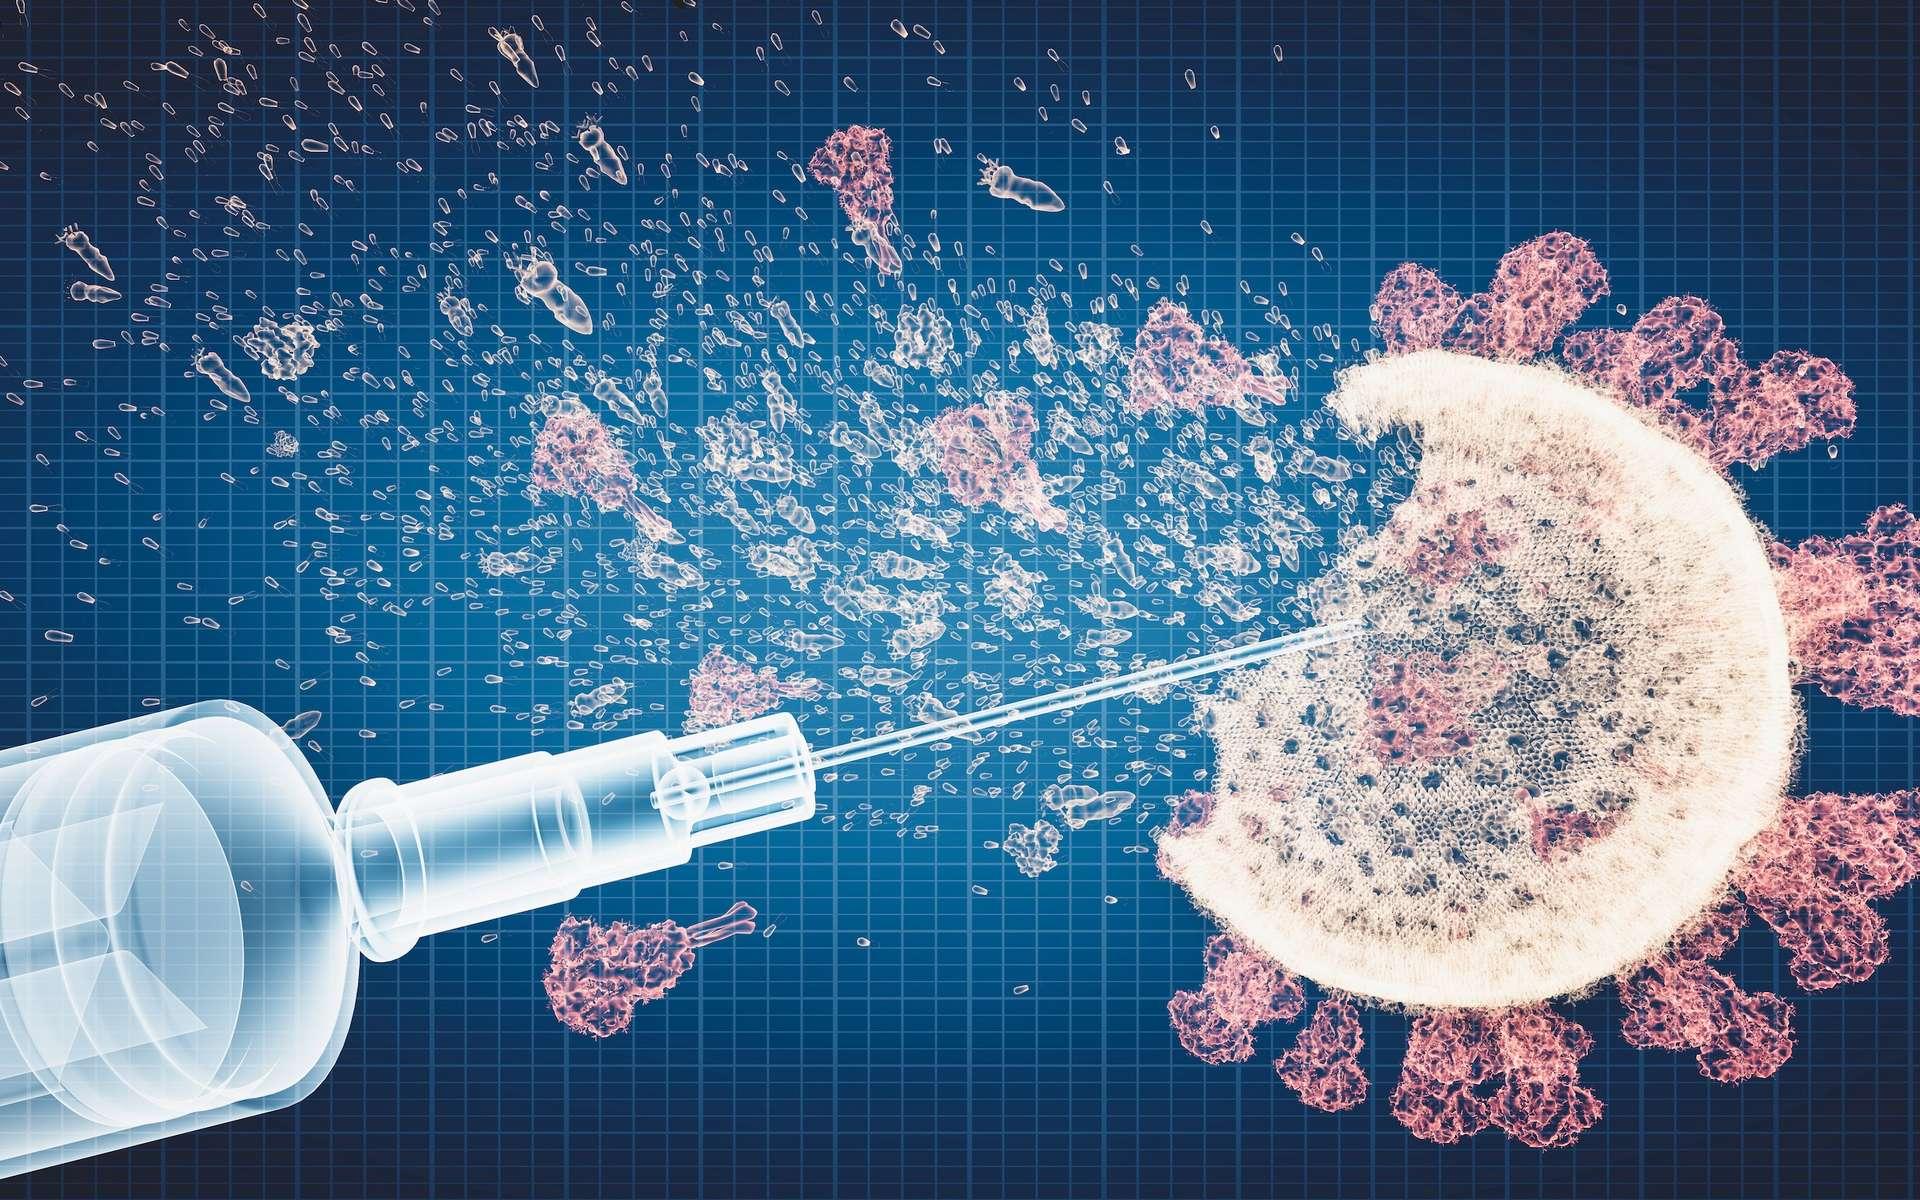 Des chercheurs de l'université de Singapour ont découvert des anticorps neutralisants particulièrement efficaces chez des personnes qui avaient survécu à SRAS de 2003 puis ont été vaccinées contre le SARS-CoV-2. Ils espèrent pouvoir ainsi développer un vaccin de troisième génération qui aiderait à lutter contre tous les variants. © Photocreo Bednarek, Adobe Stock